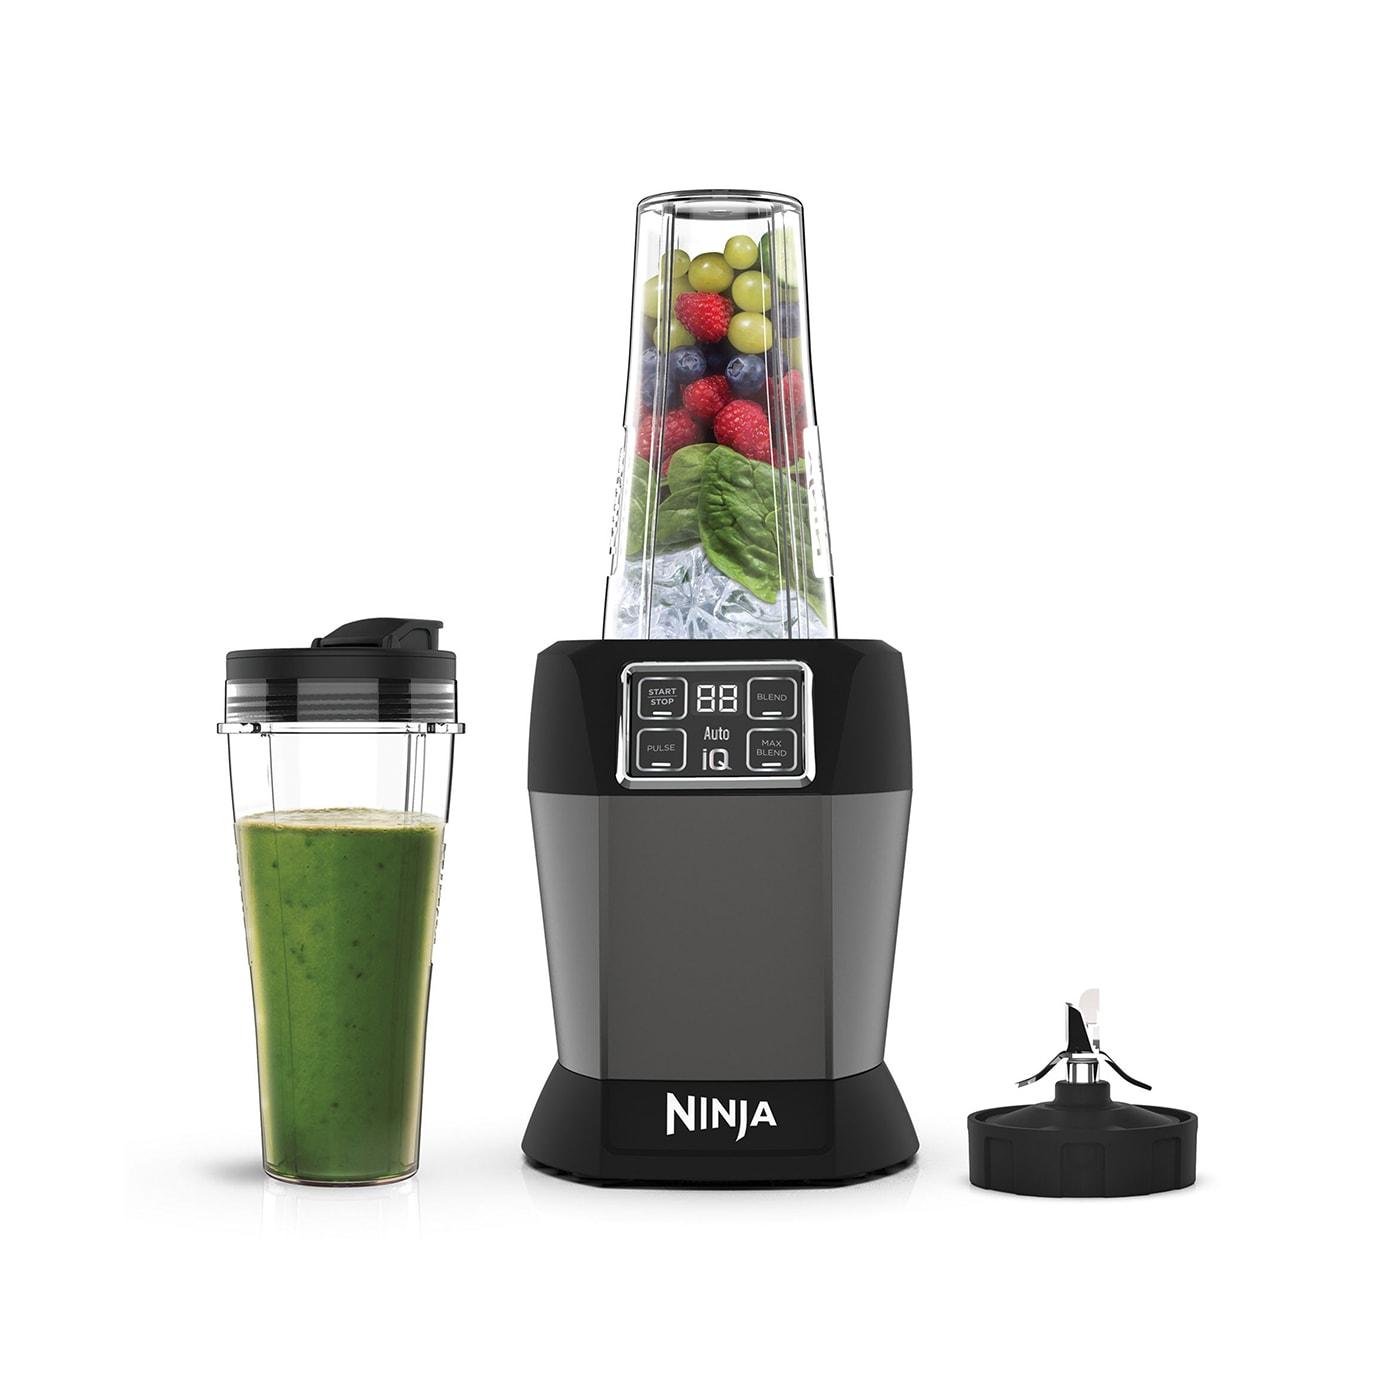 Navigate to Ninja Personal Blenders